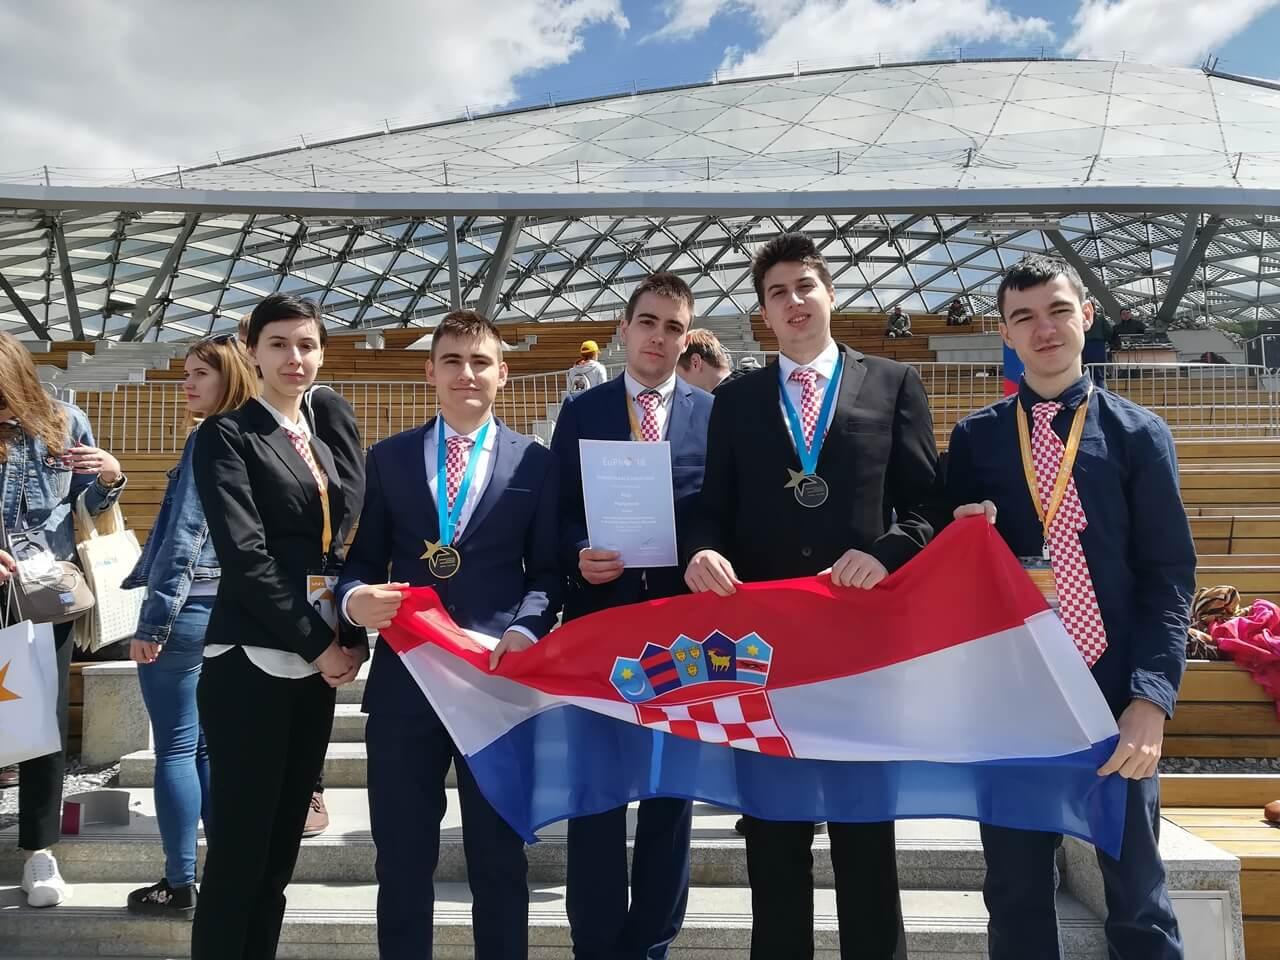 Ovakav fair play još nismo doživjeli: Hrvatski učenik za svoj potez na Olimpijadi zaradio posebnu nagradu